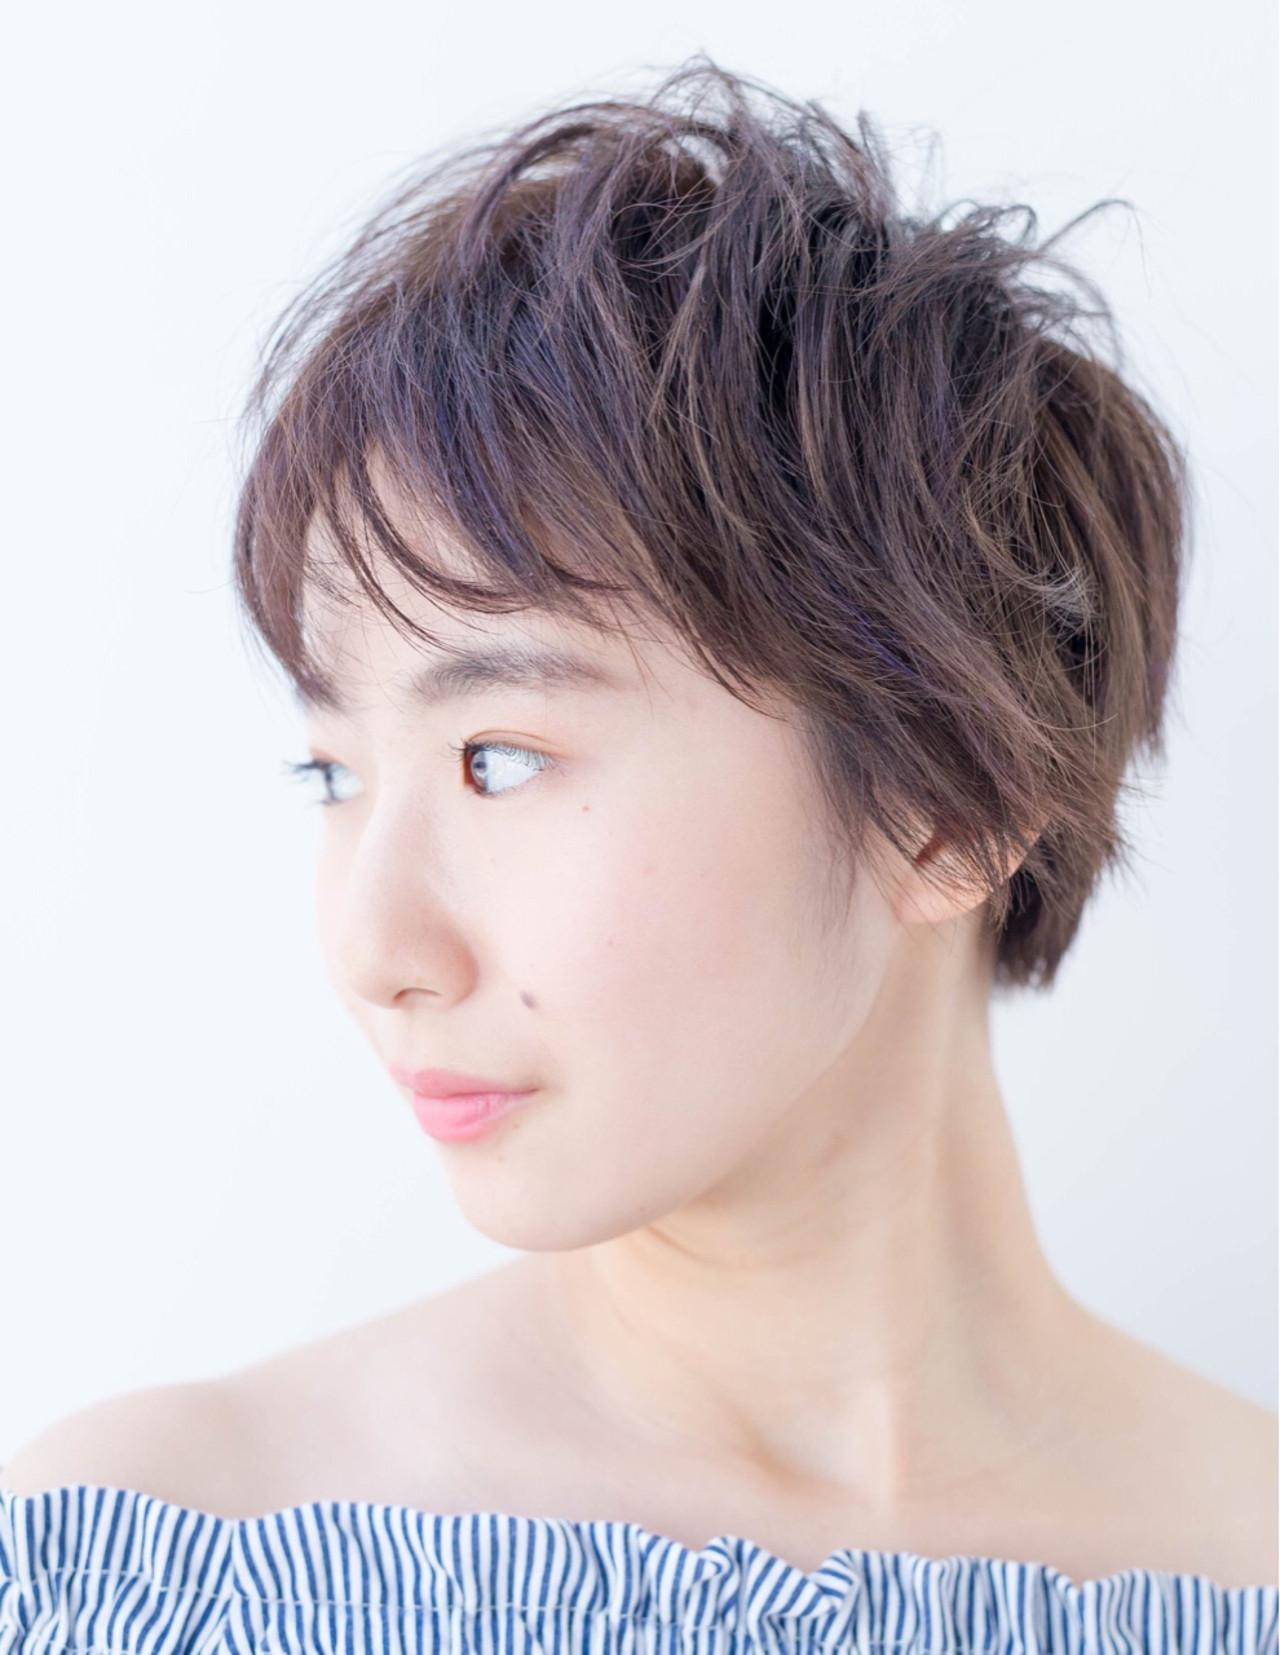 キュート ナチュラル 小顔 パープル ヘアスタイルや髪型の写真・画像 | Fringe 染谷正 / Fringe Hair Salon